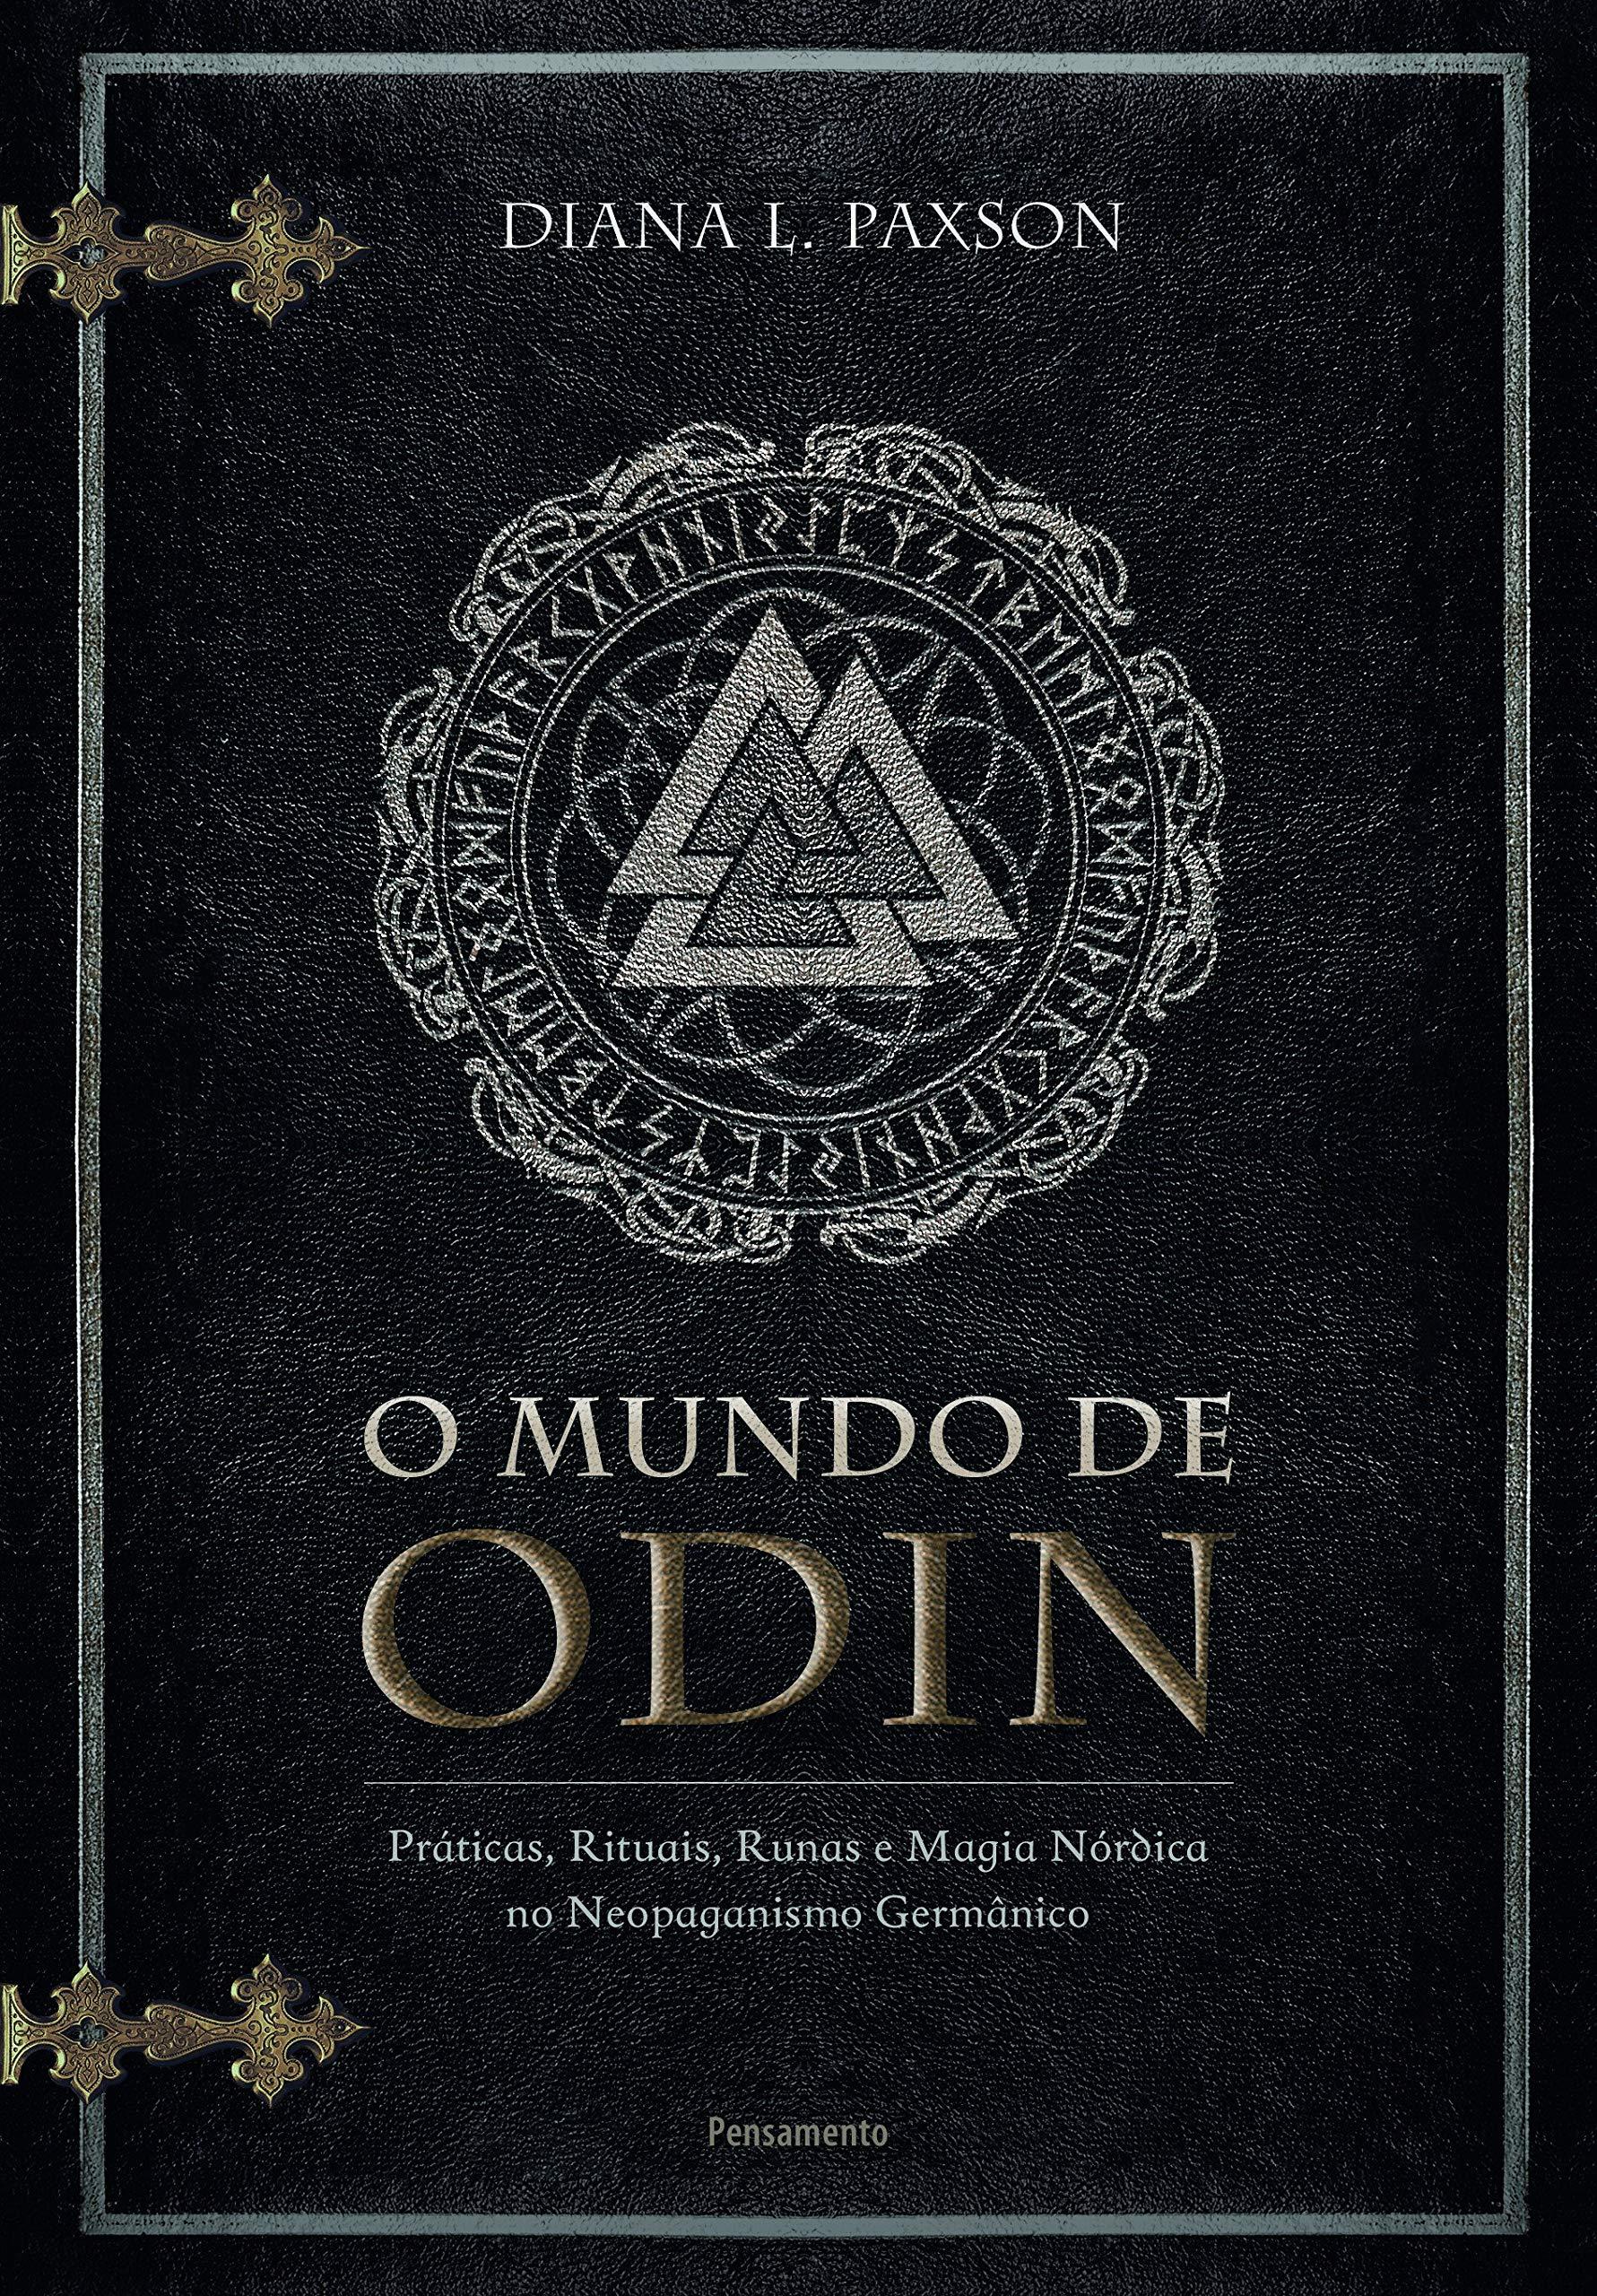 Livro 'O Mundo de Odin: Práticas, Rituais, Runas e Magia Nórdica no Neopaganismo Germânico' por Diana L. Paxon